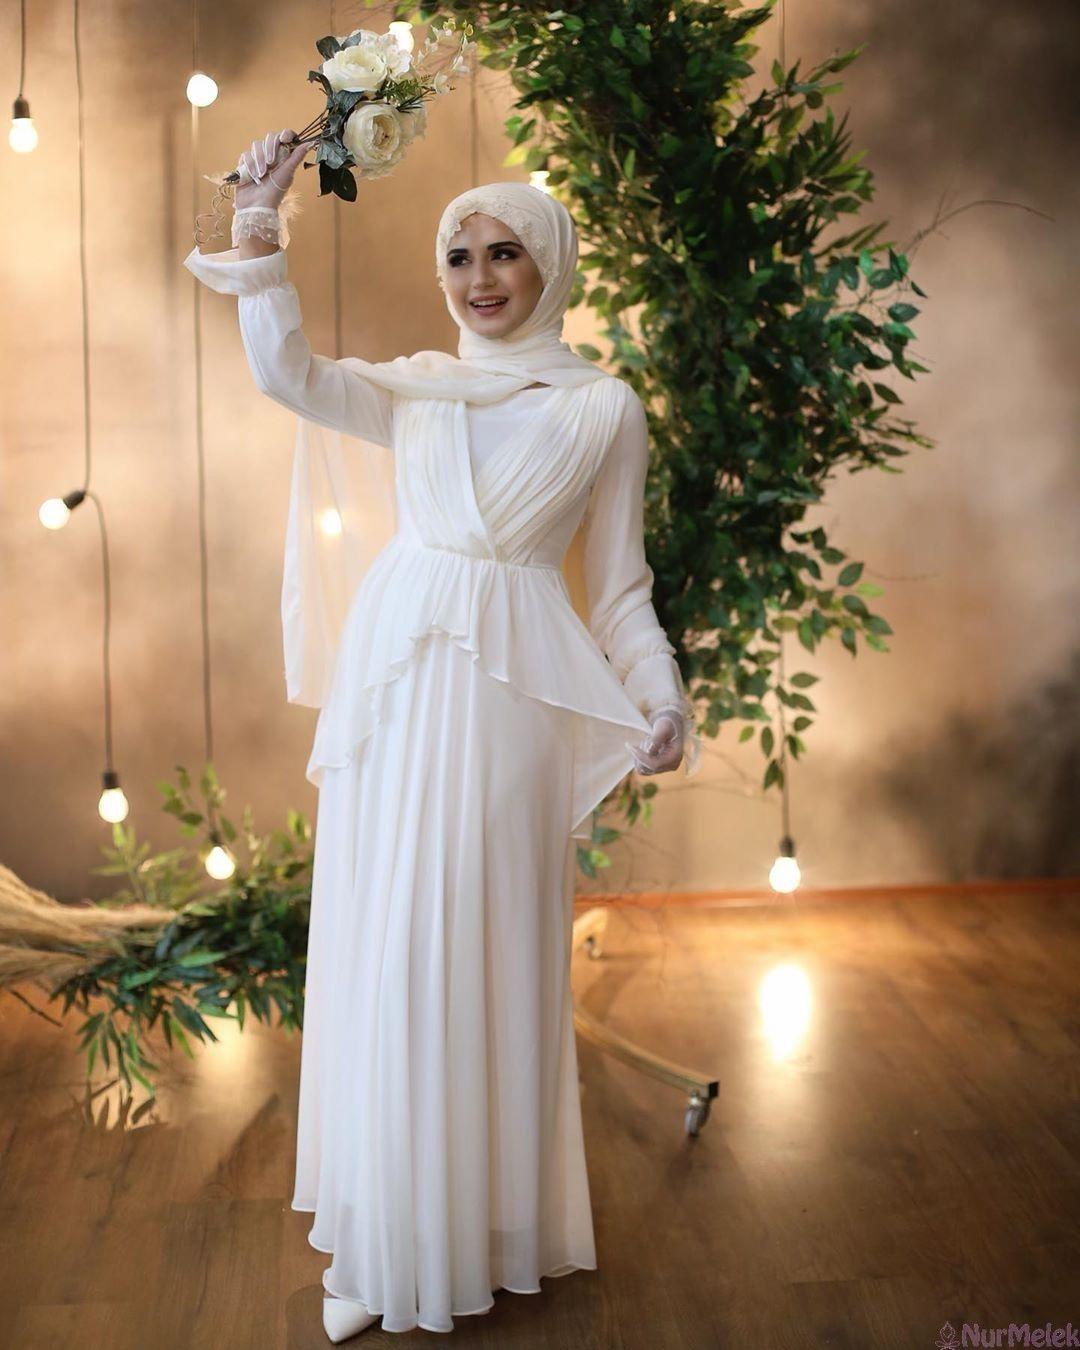 2020 Yaz Tesettur Abiye Modelleri 2020 Sifon Elbise Gelinlik Basortusu Modasi